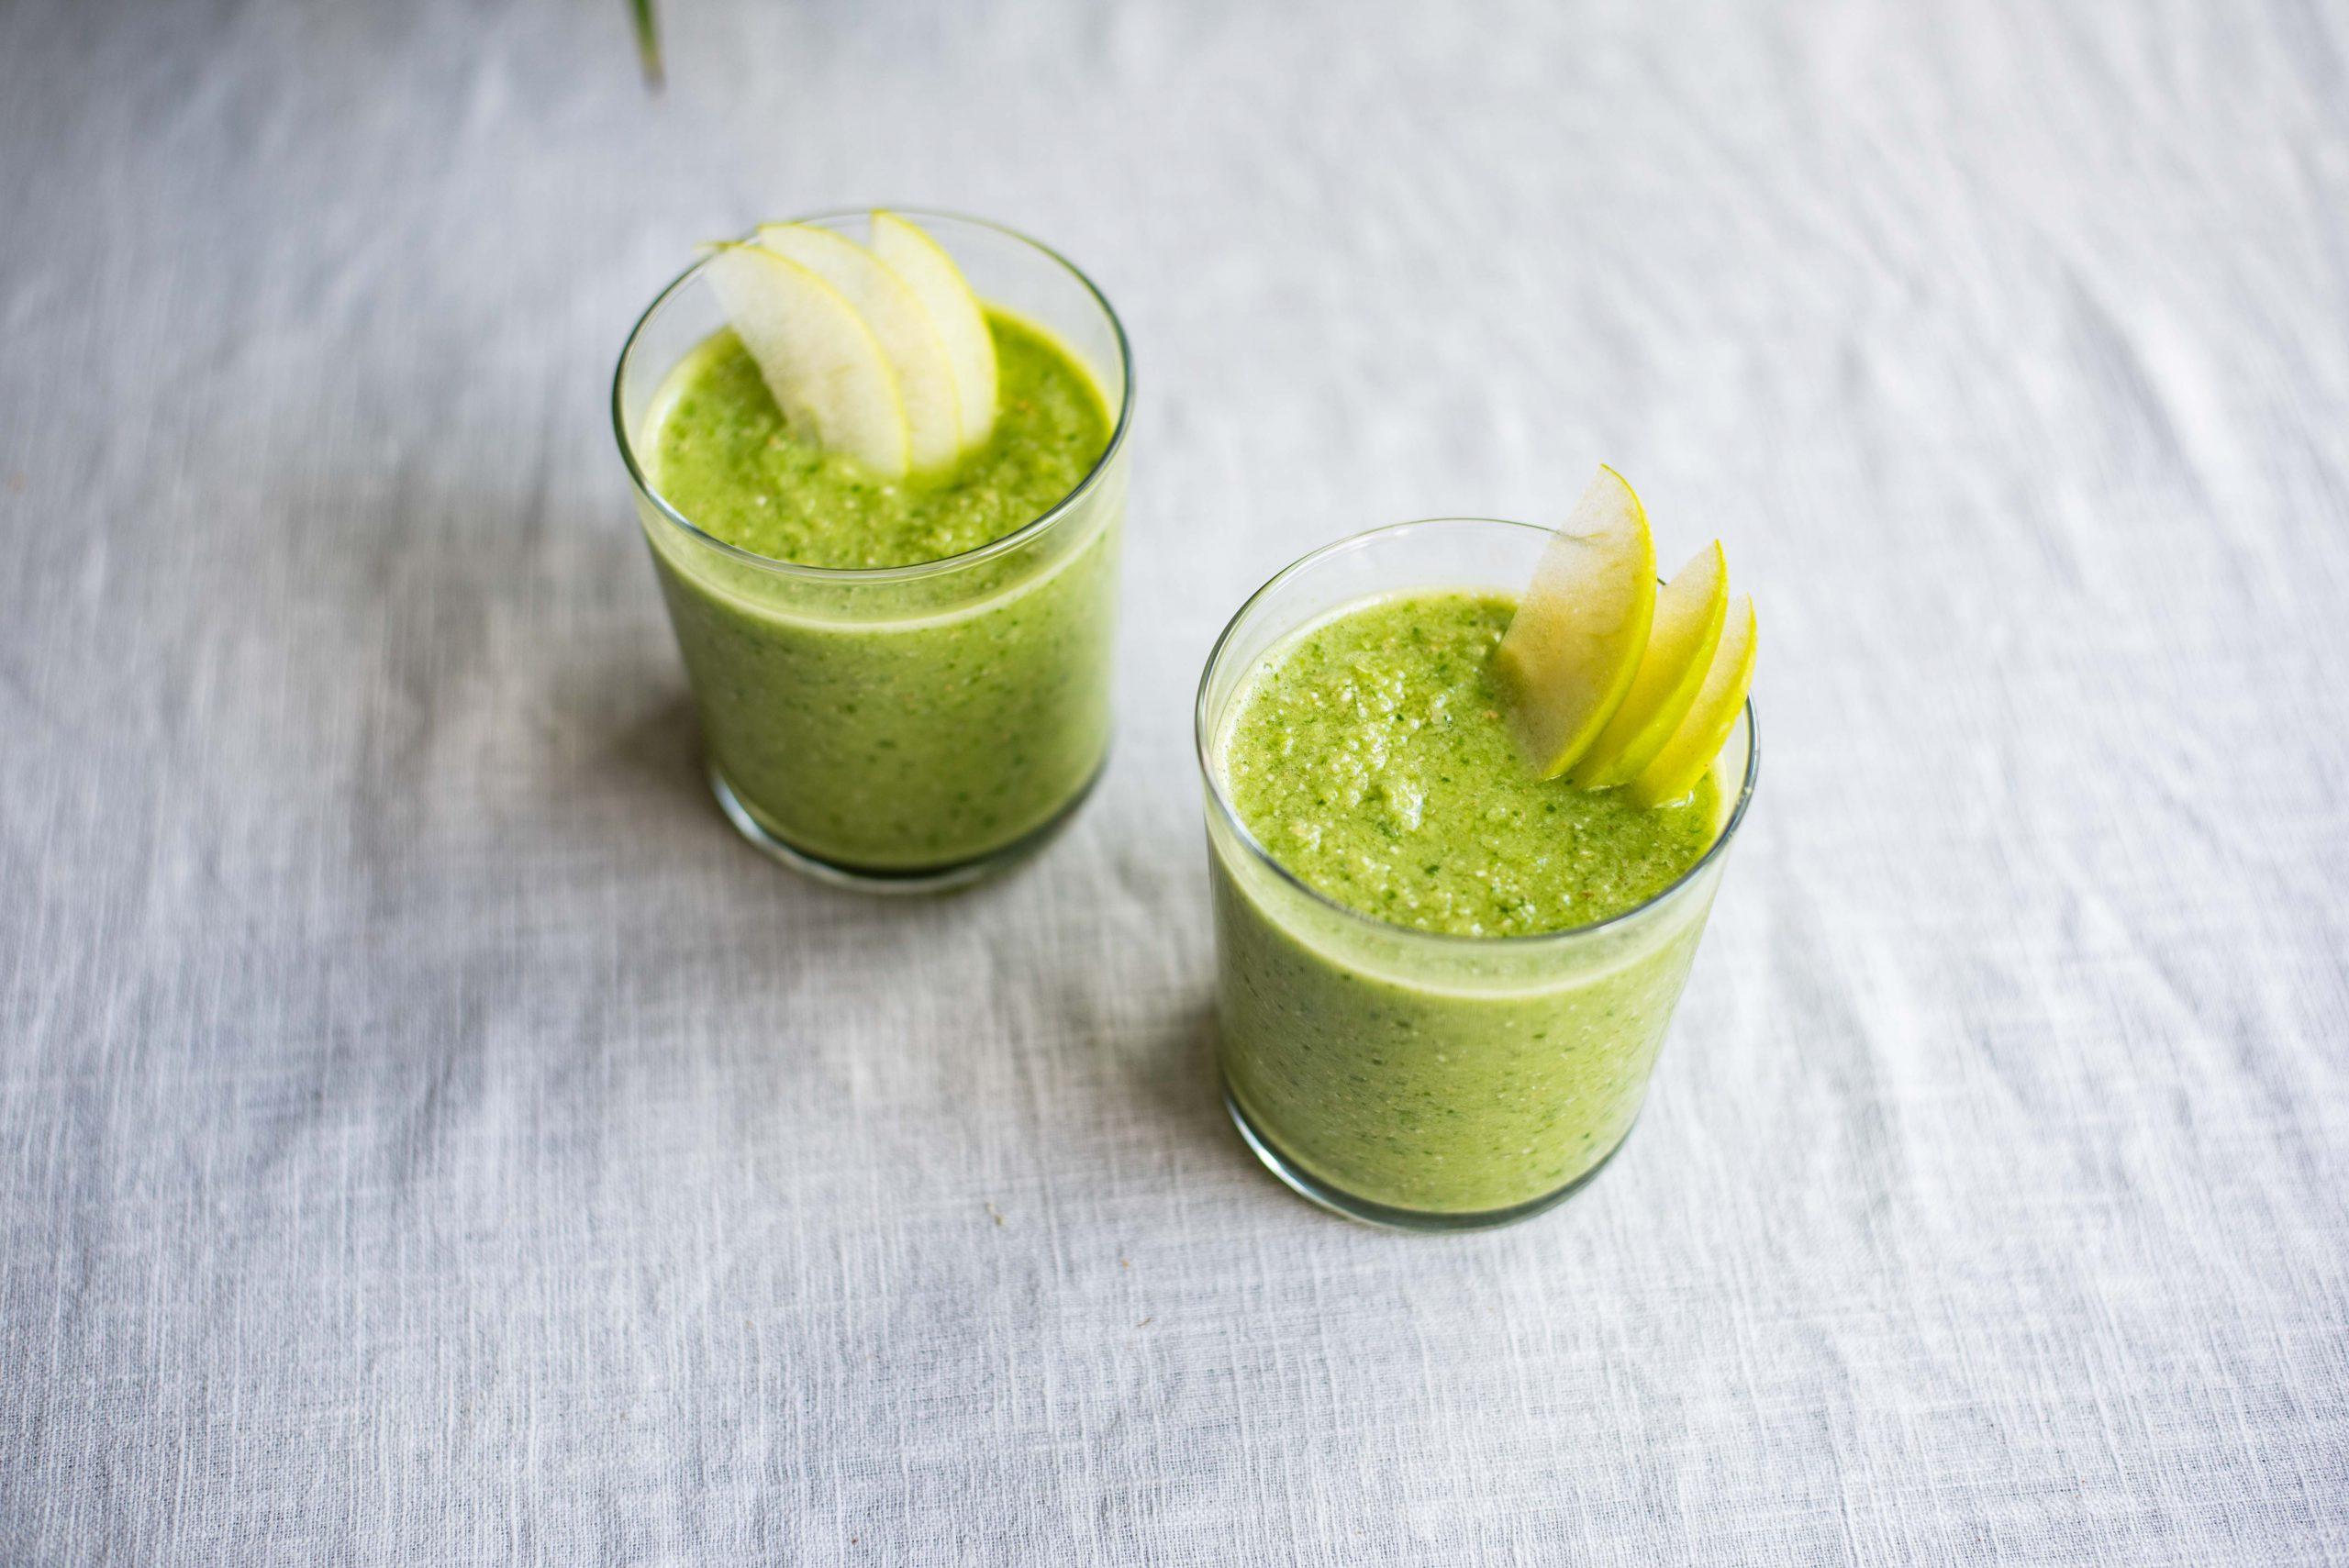 Komkommer-spinazie smoothie